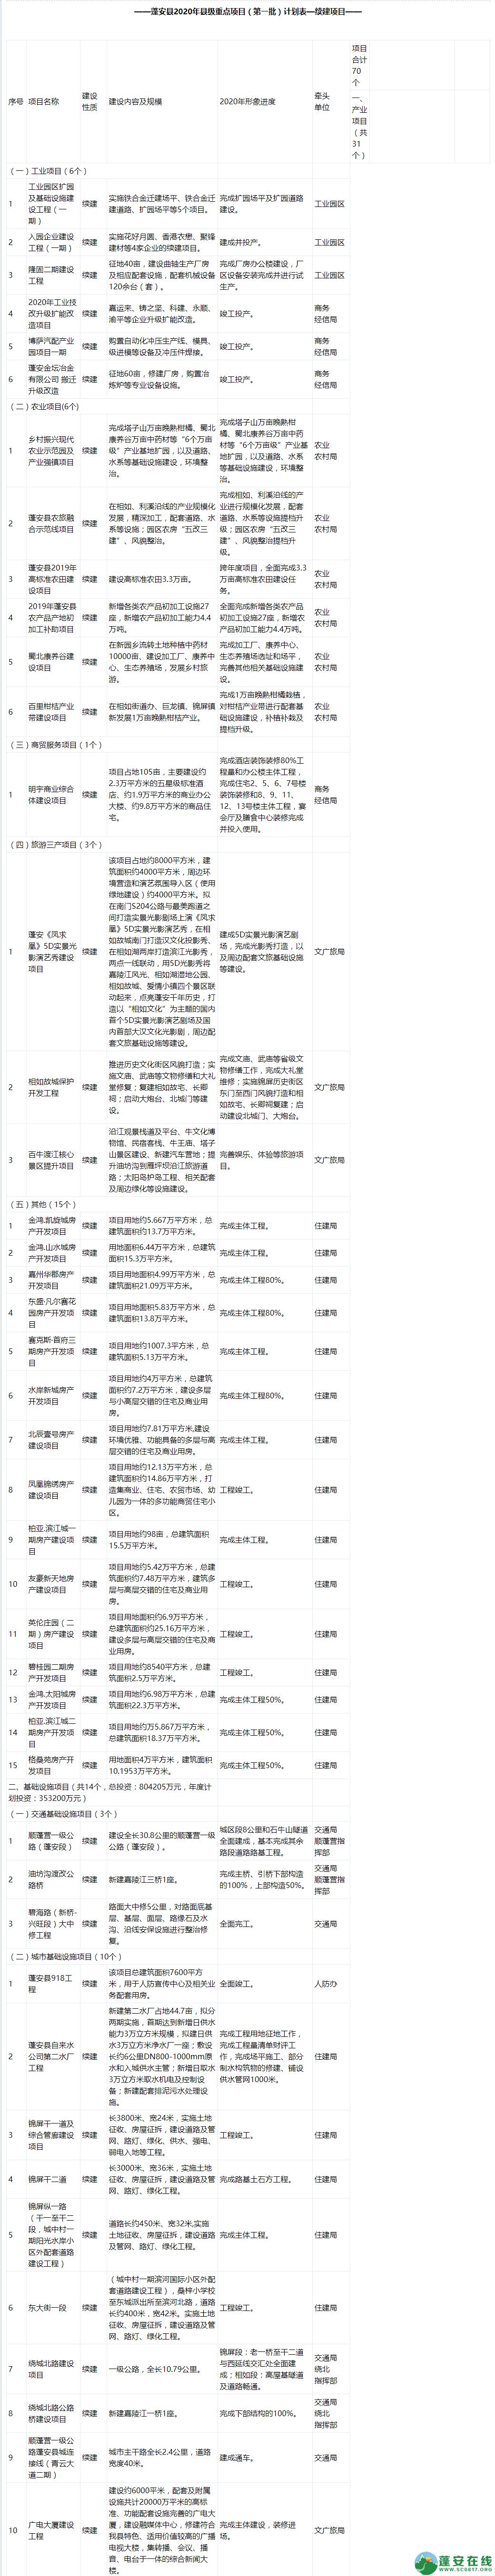 蓬安县2020年县级重点项目(第一批)计划表—续建项目 - 第1张  | 蓬安在线